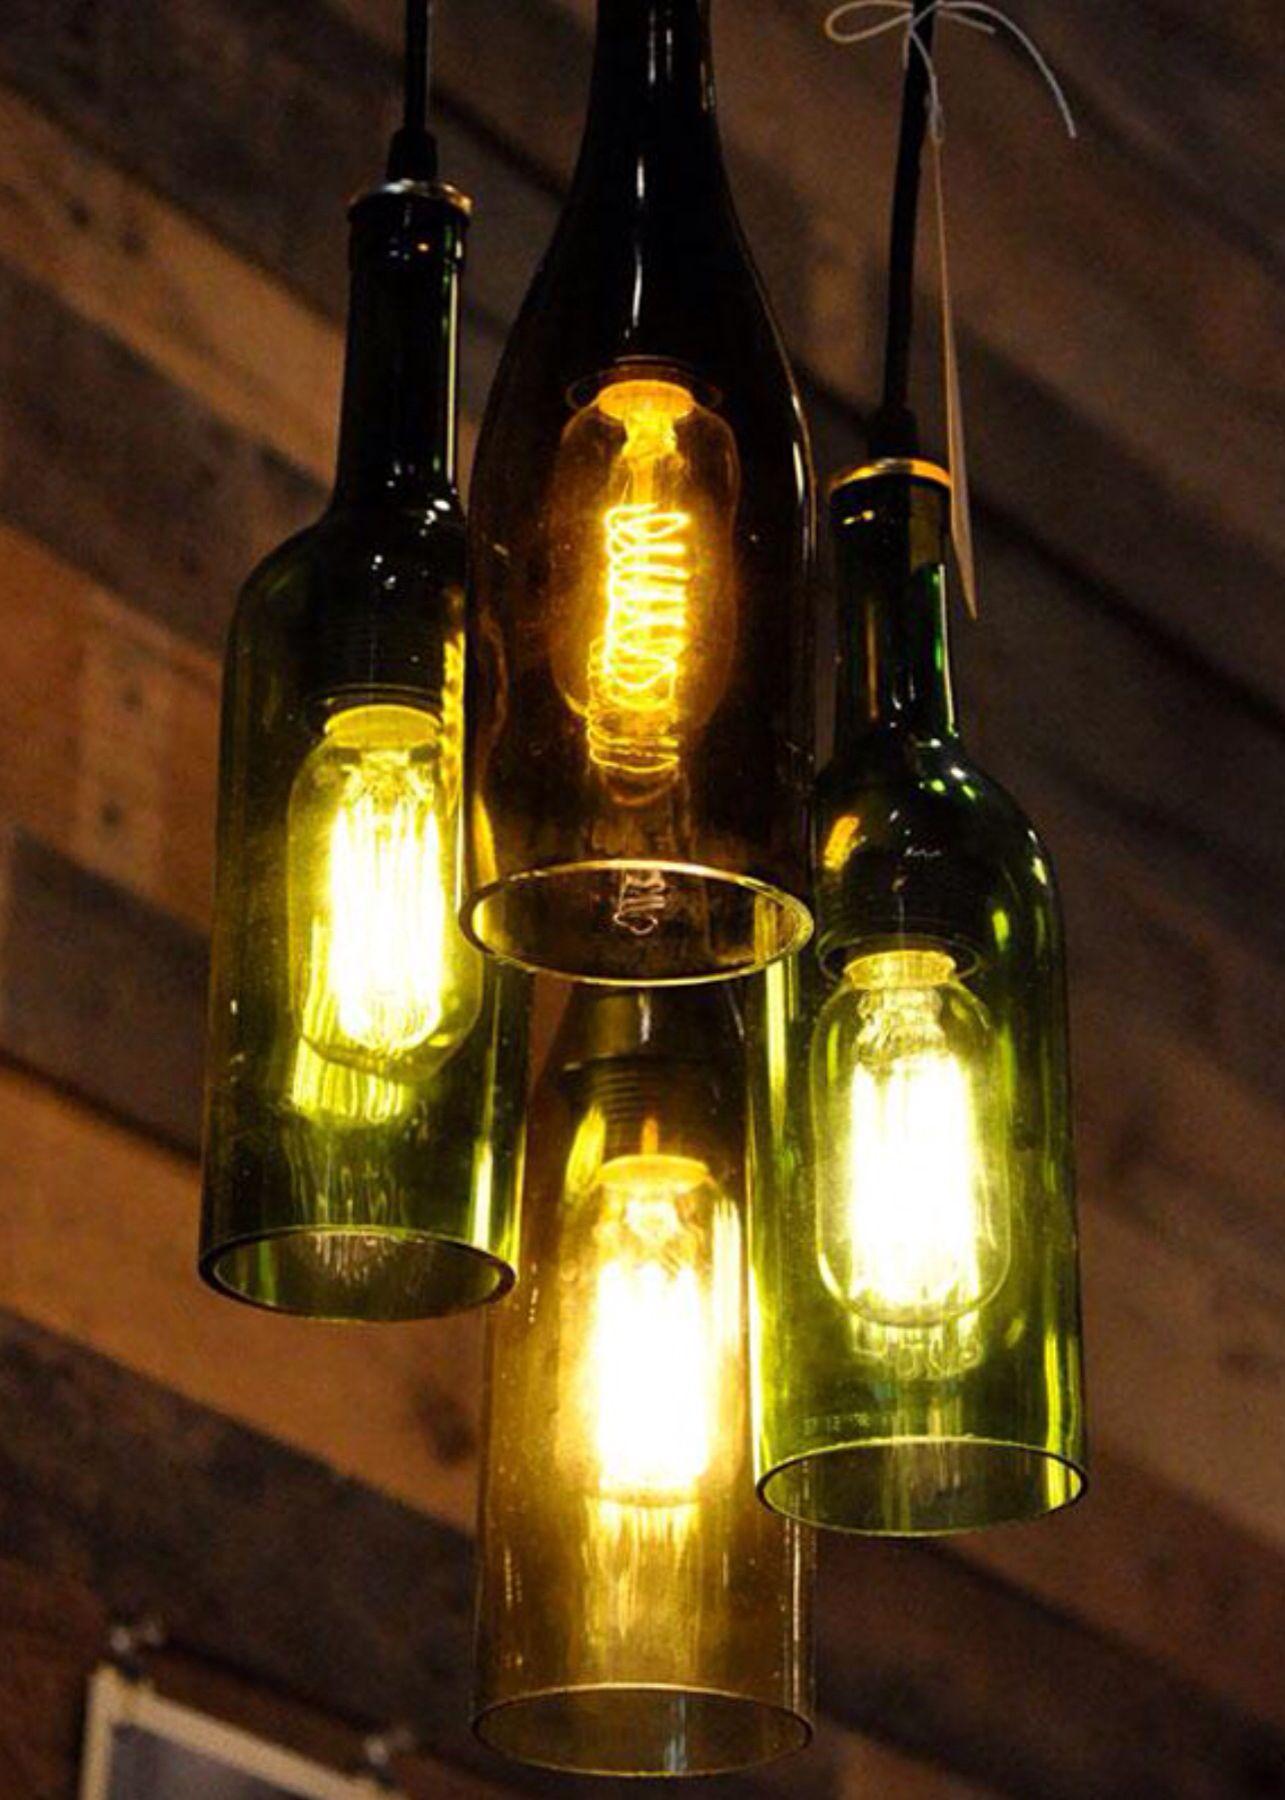 The Napa Wine Bottle Chandelier